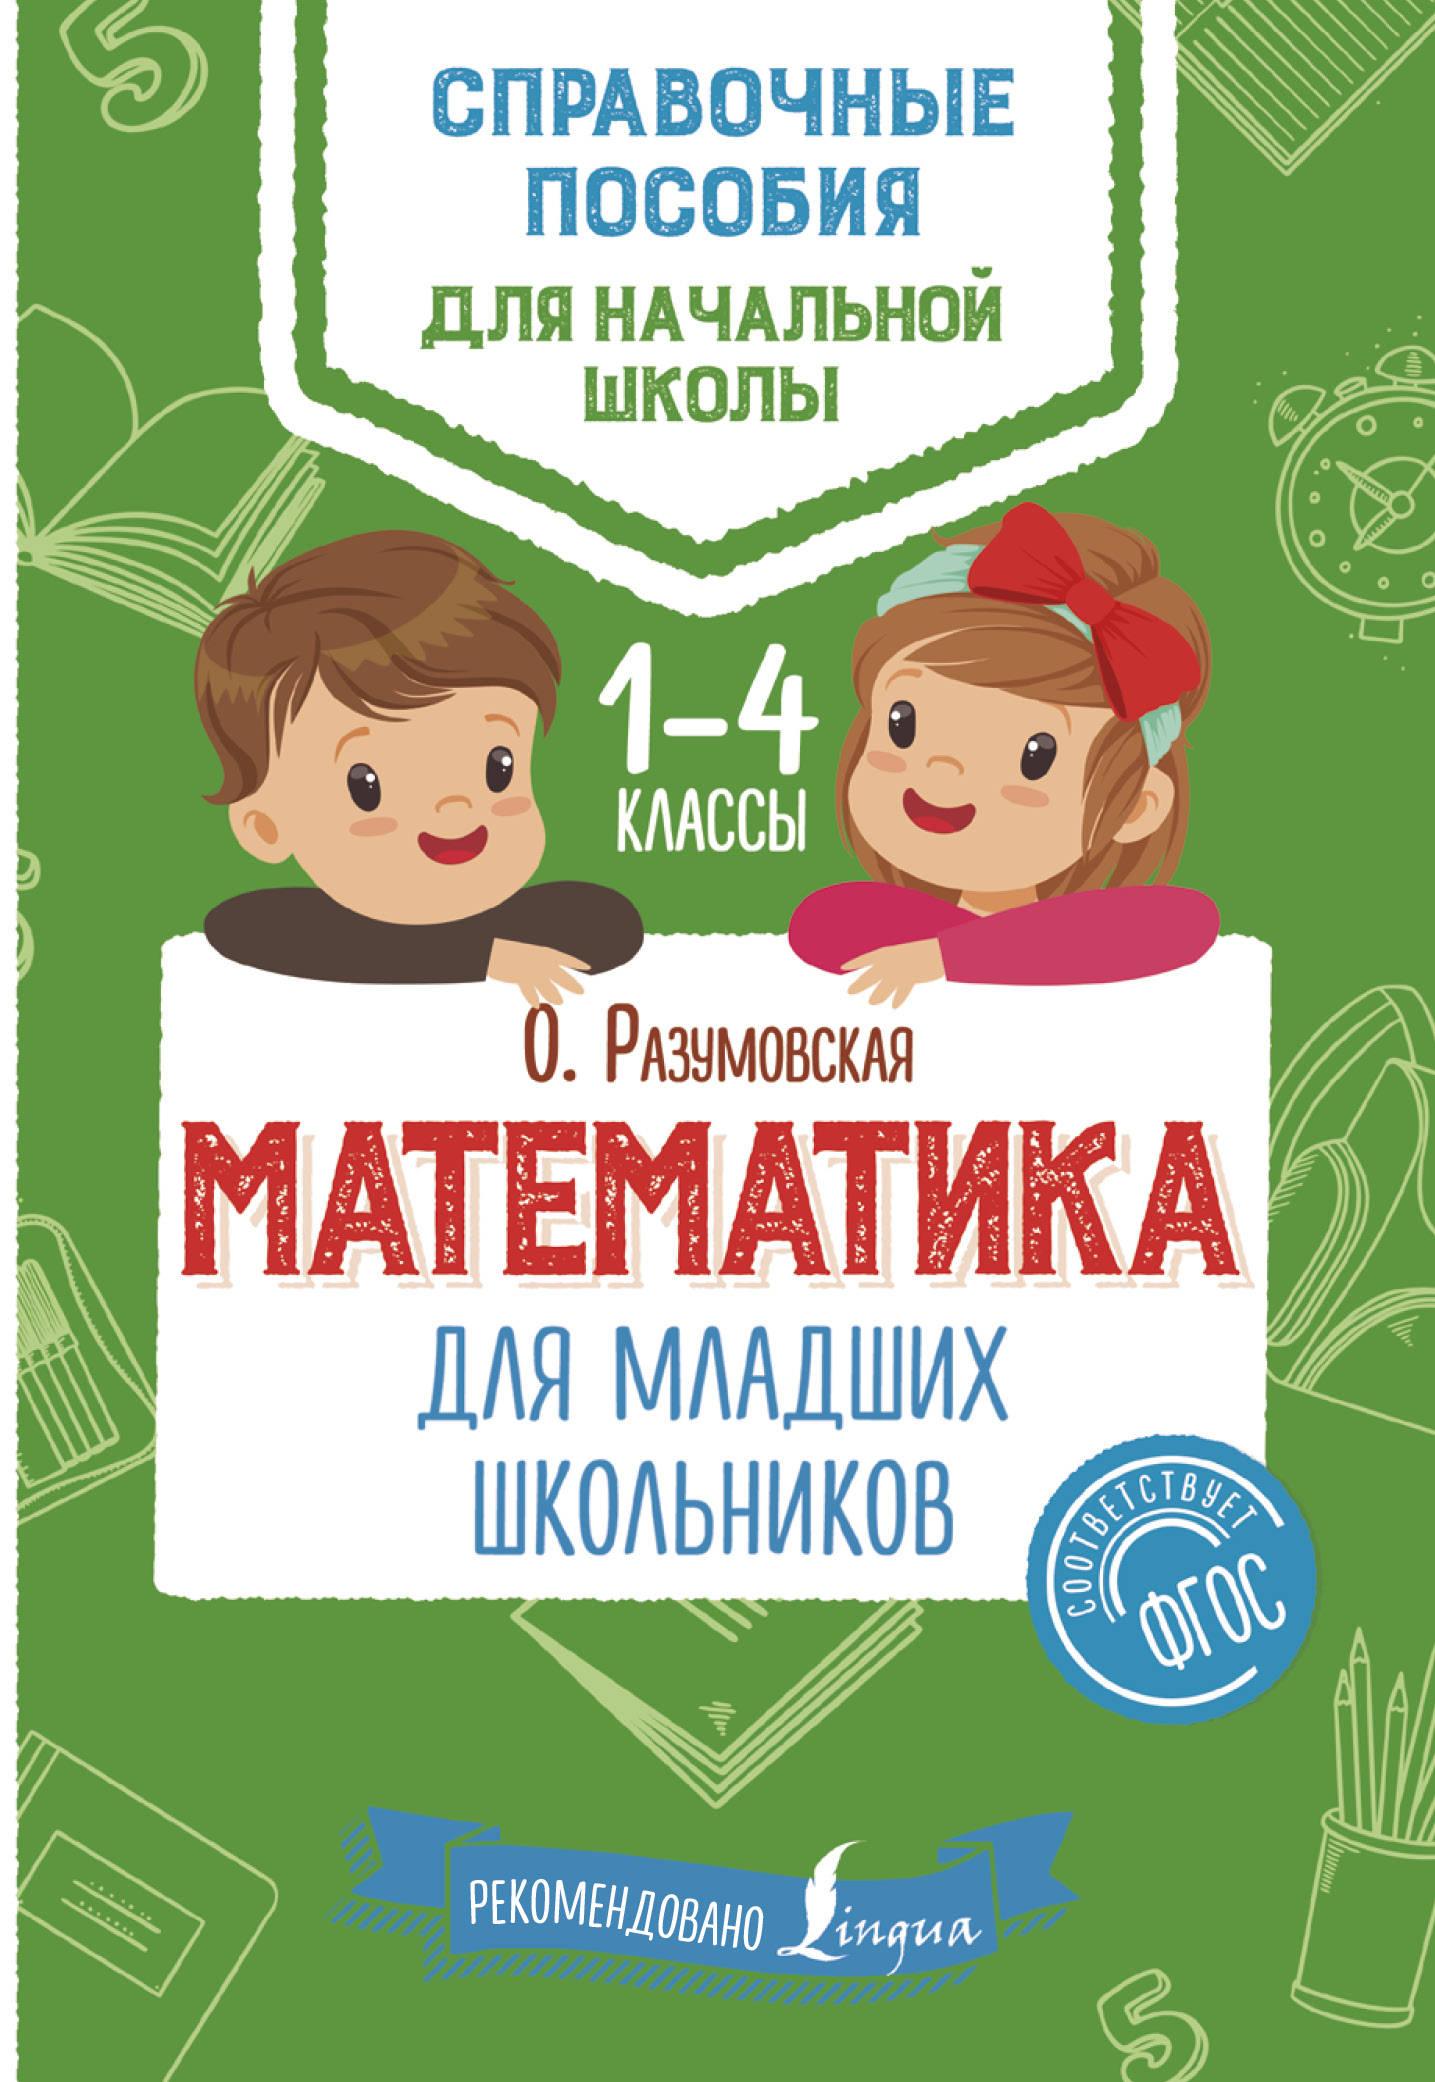 О. Разумовская Математика для младших школьников